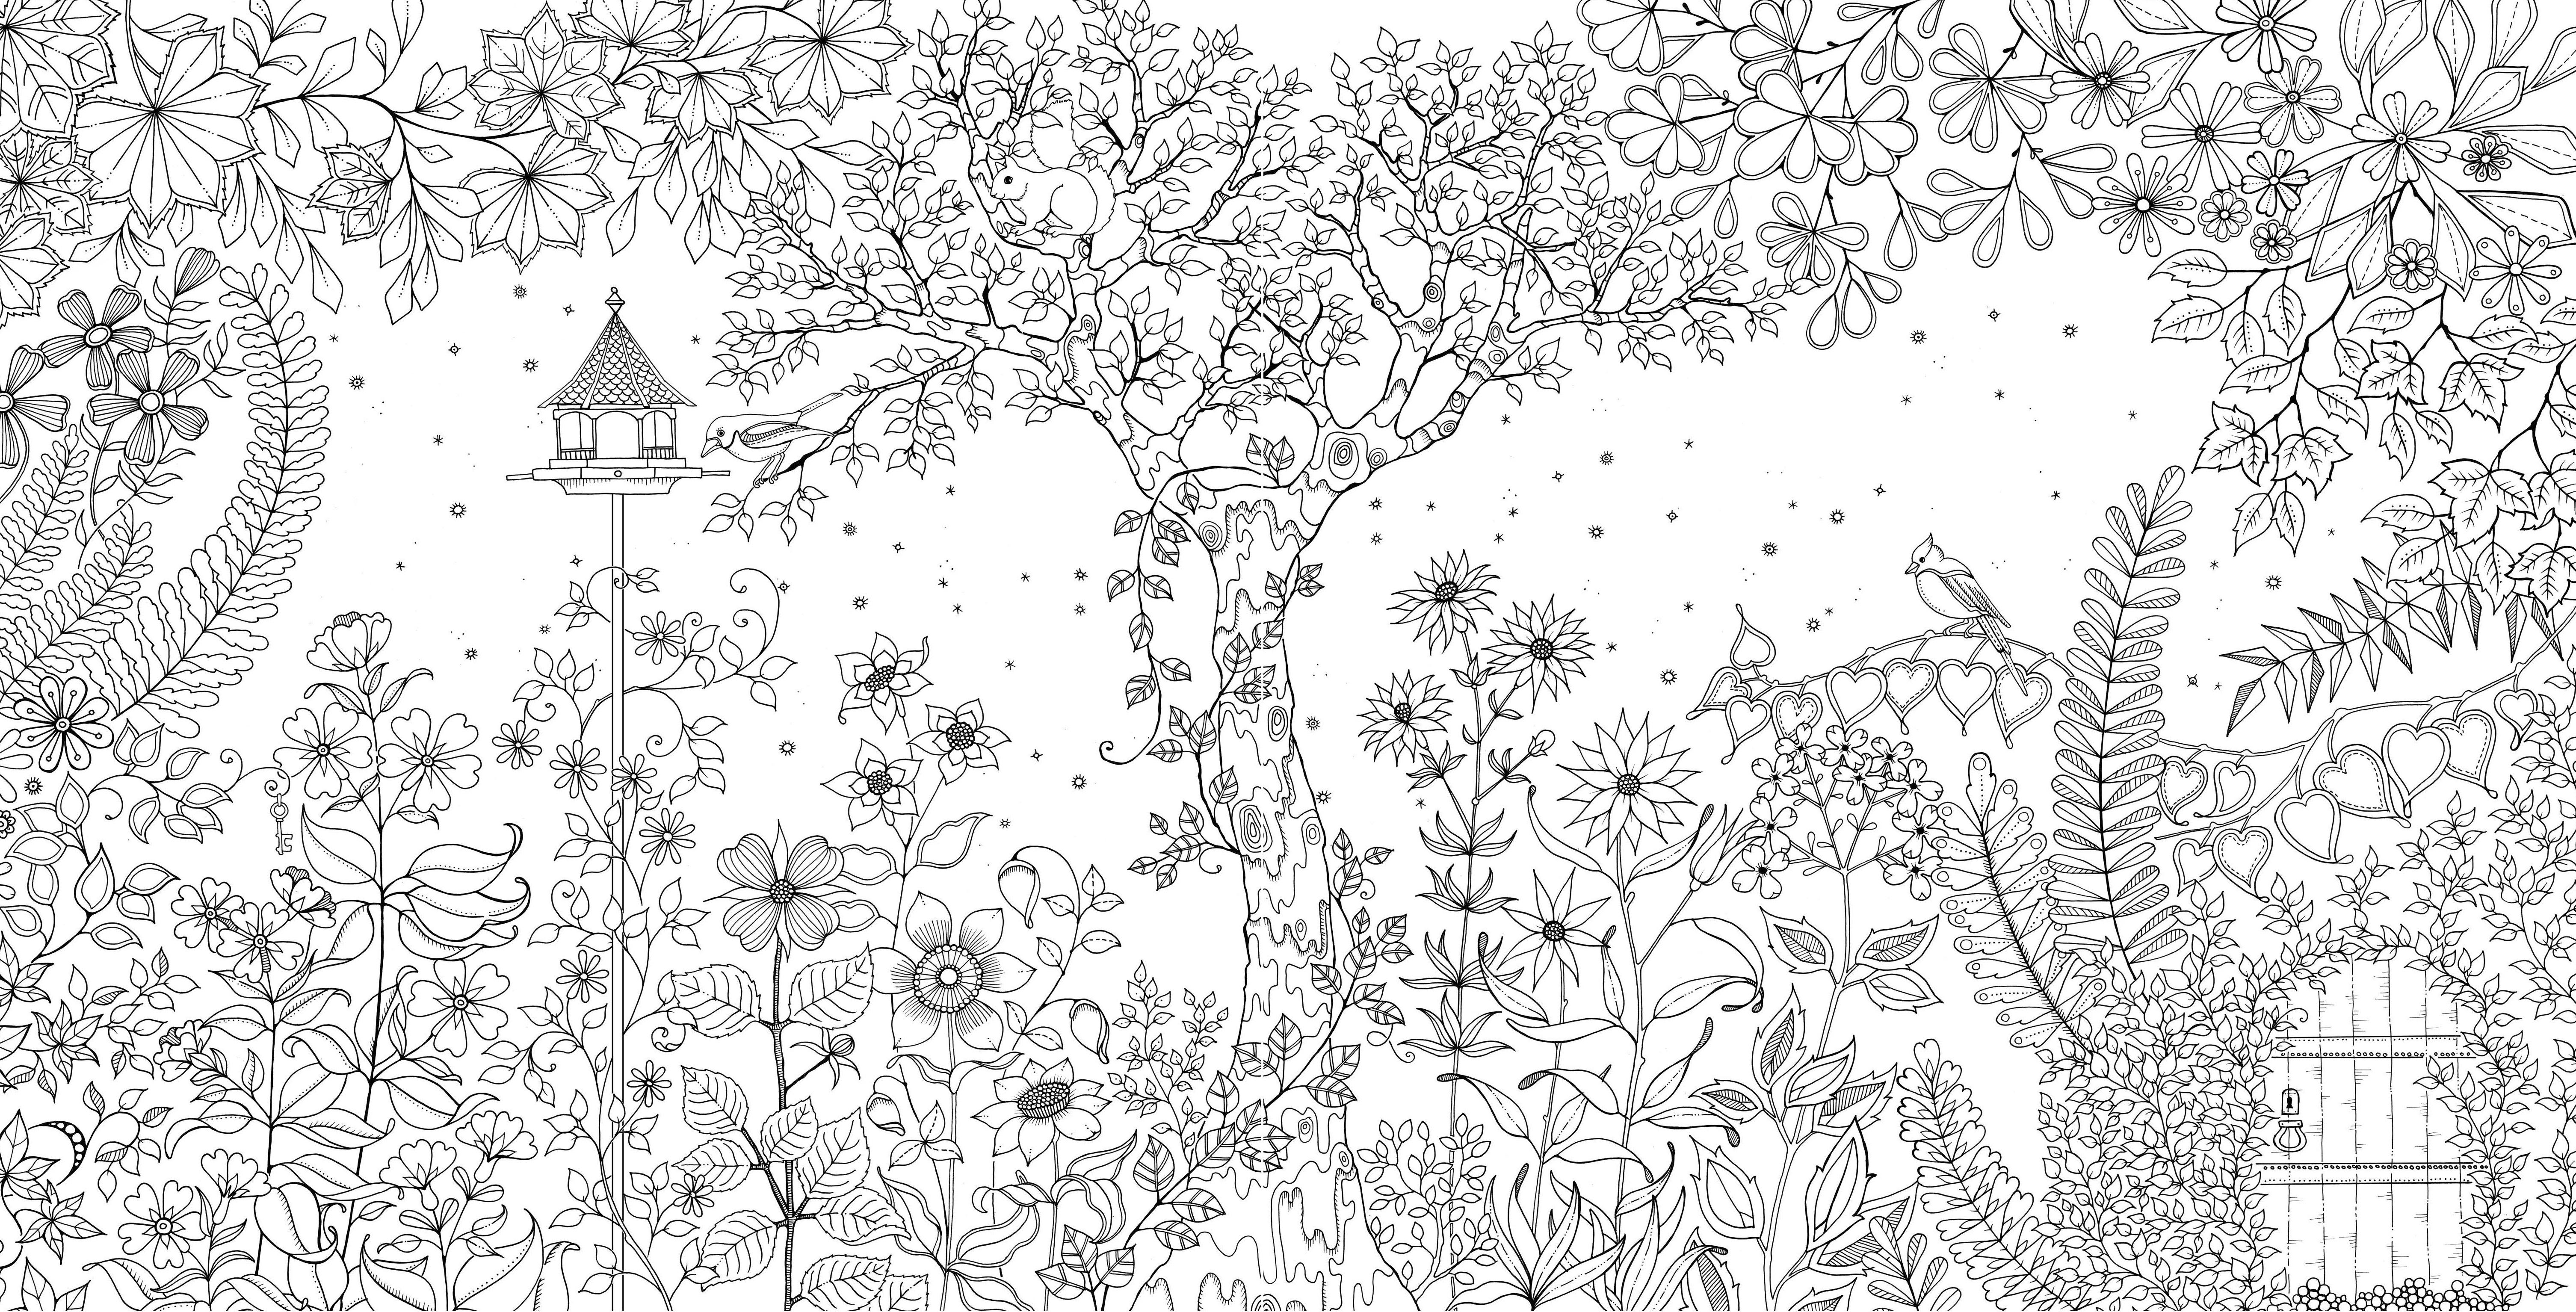 Скачать раскраски зачарованный лес